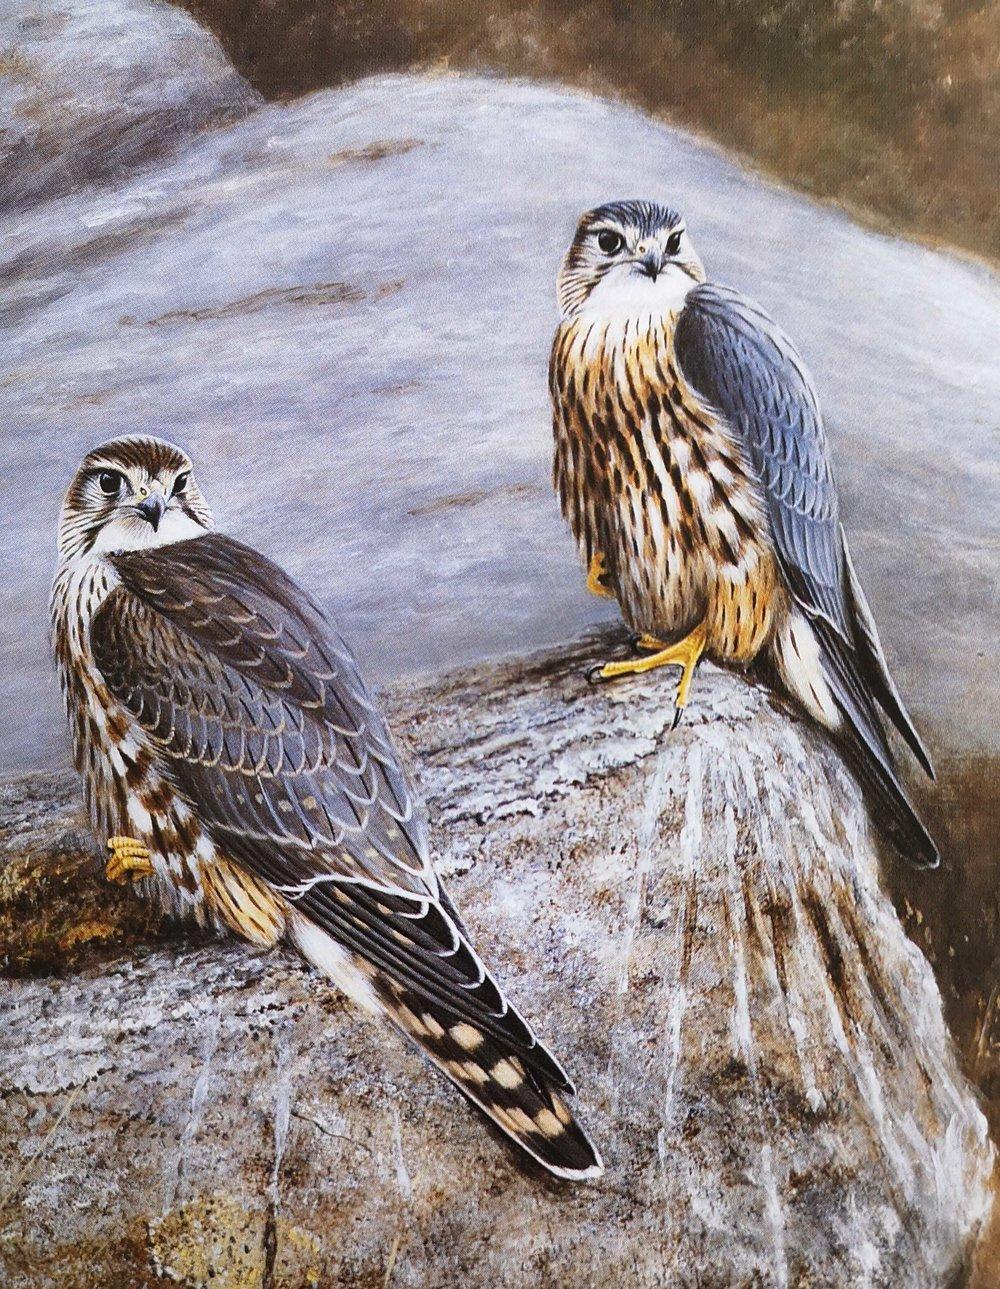 Merlins painted by Alastair Proud